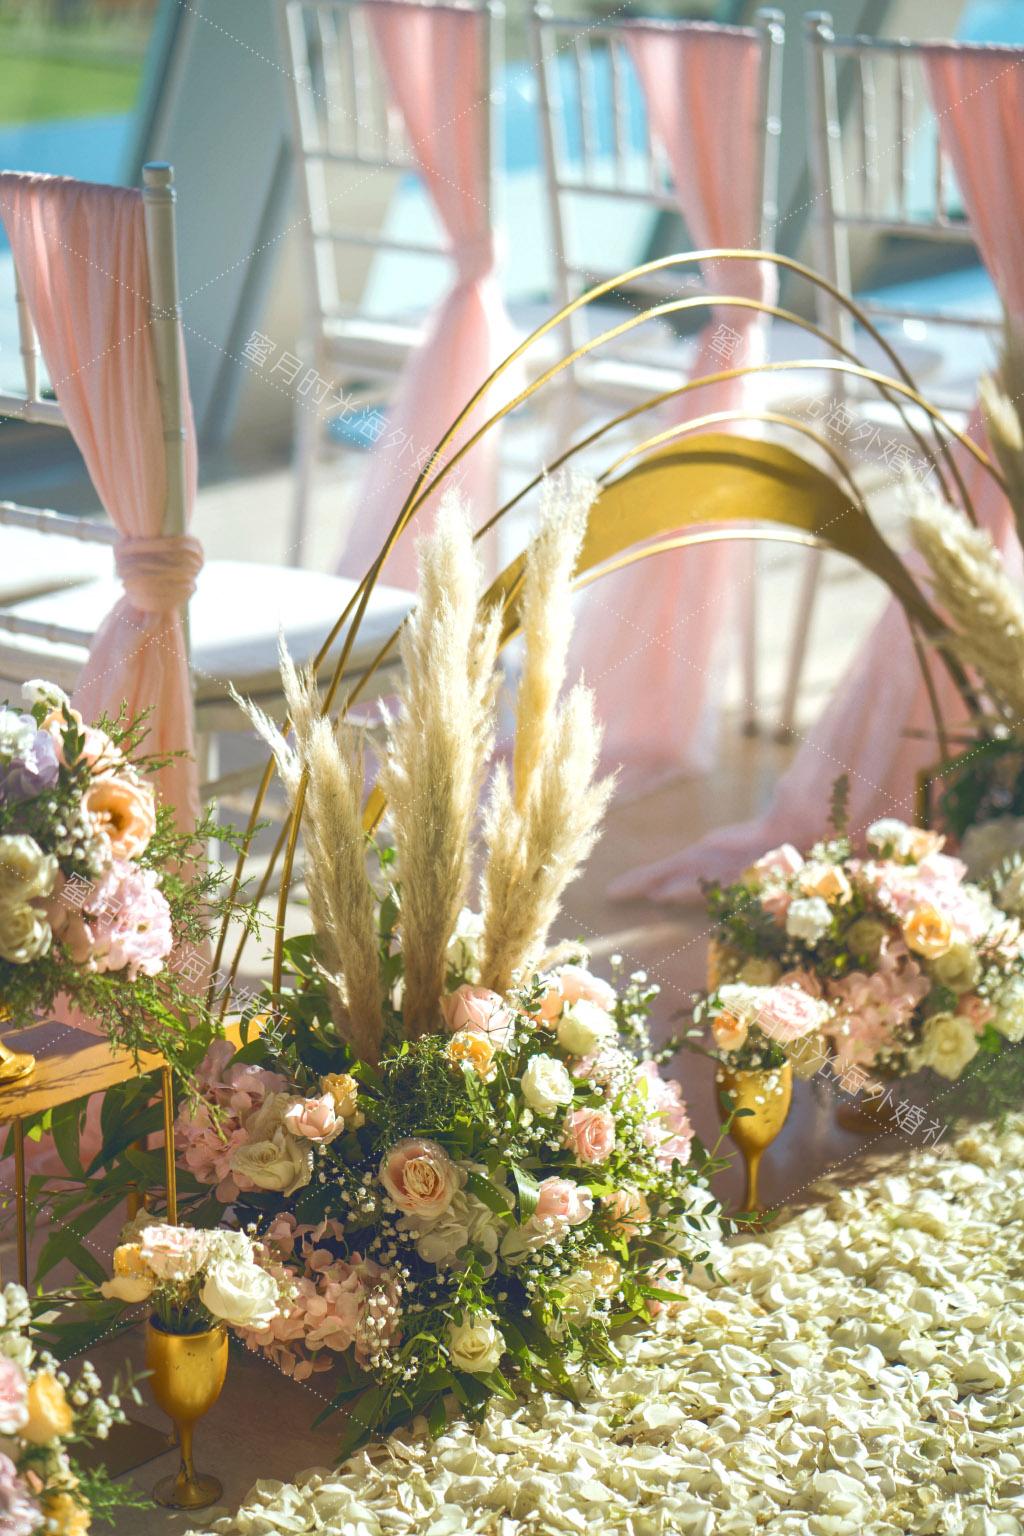 港丽无限教堂婚礼+升级布置|玫瑰_芦苇_金色花器_经久不衰的美感|海外婚礼